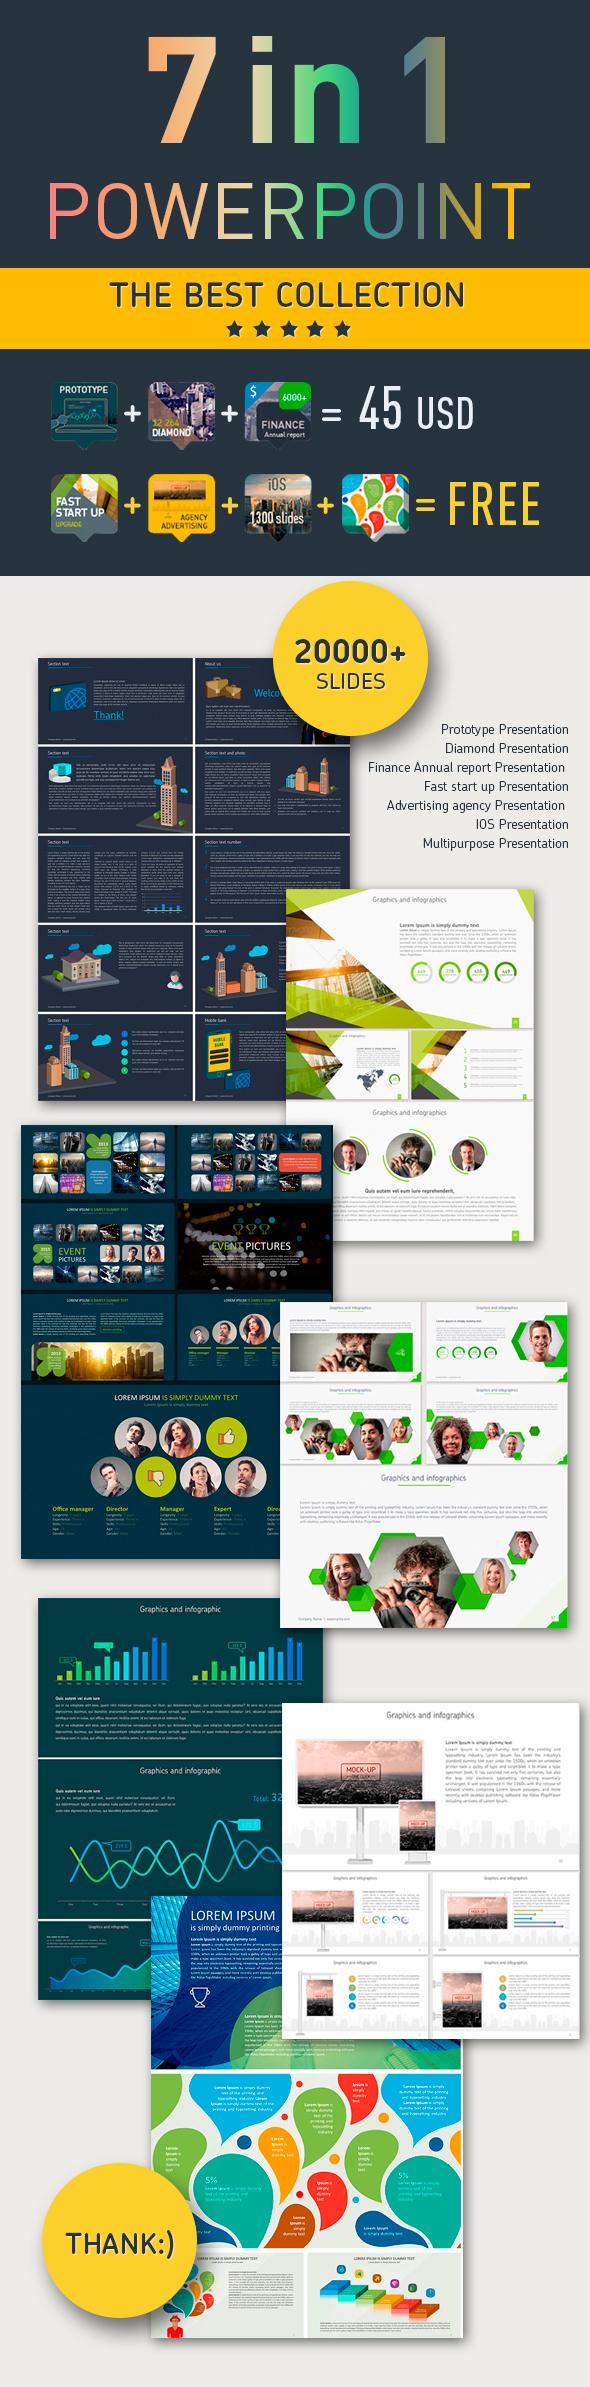 7 in 1 PowerPoint presentation - PowerPoint Templates Presentation Templates